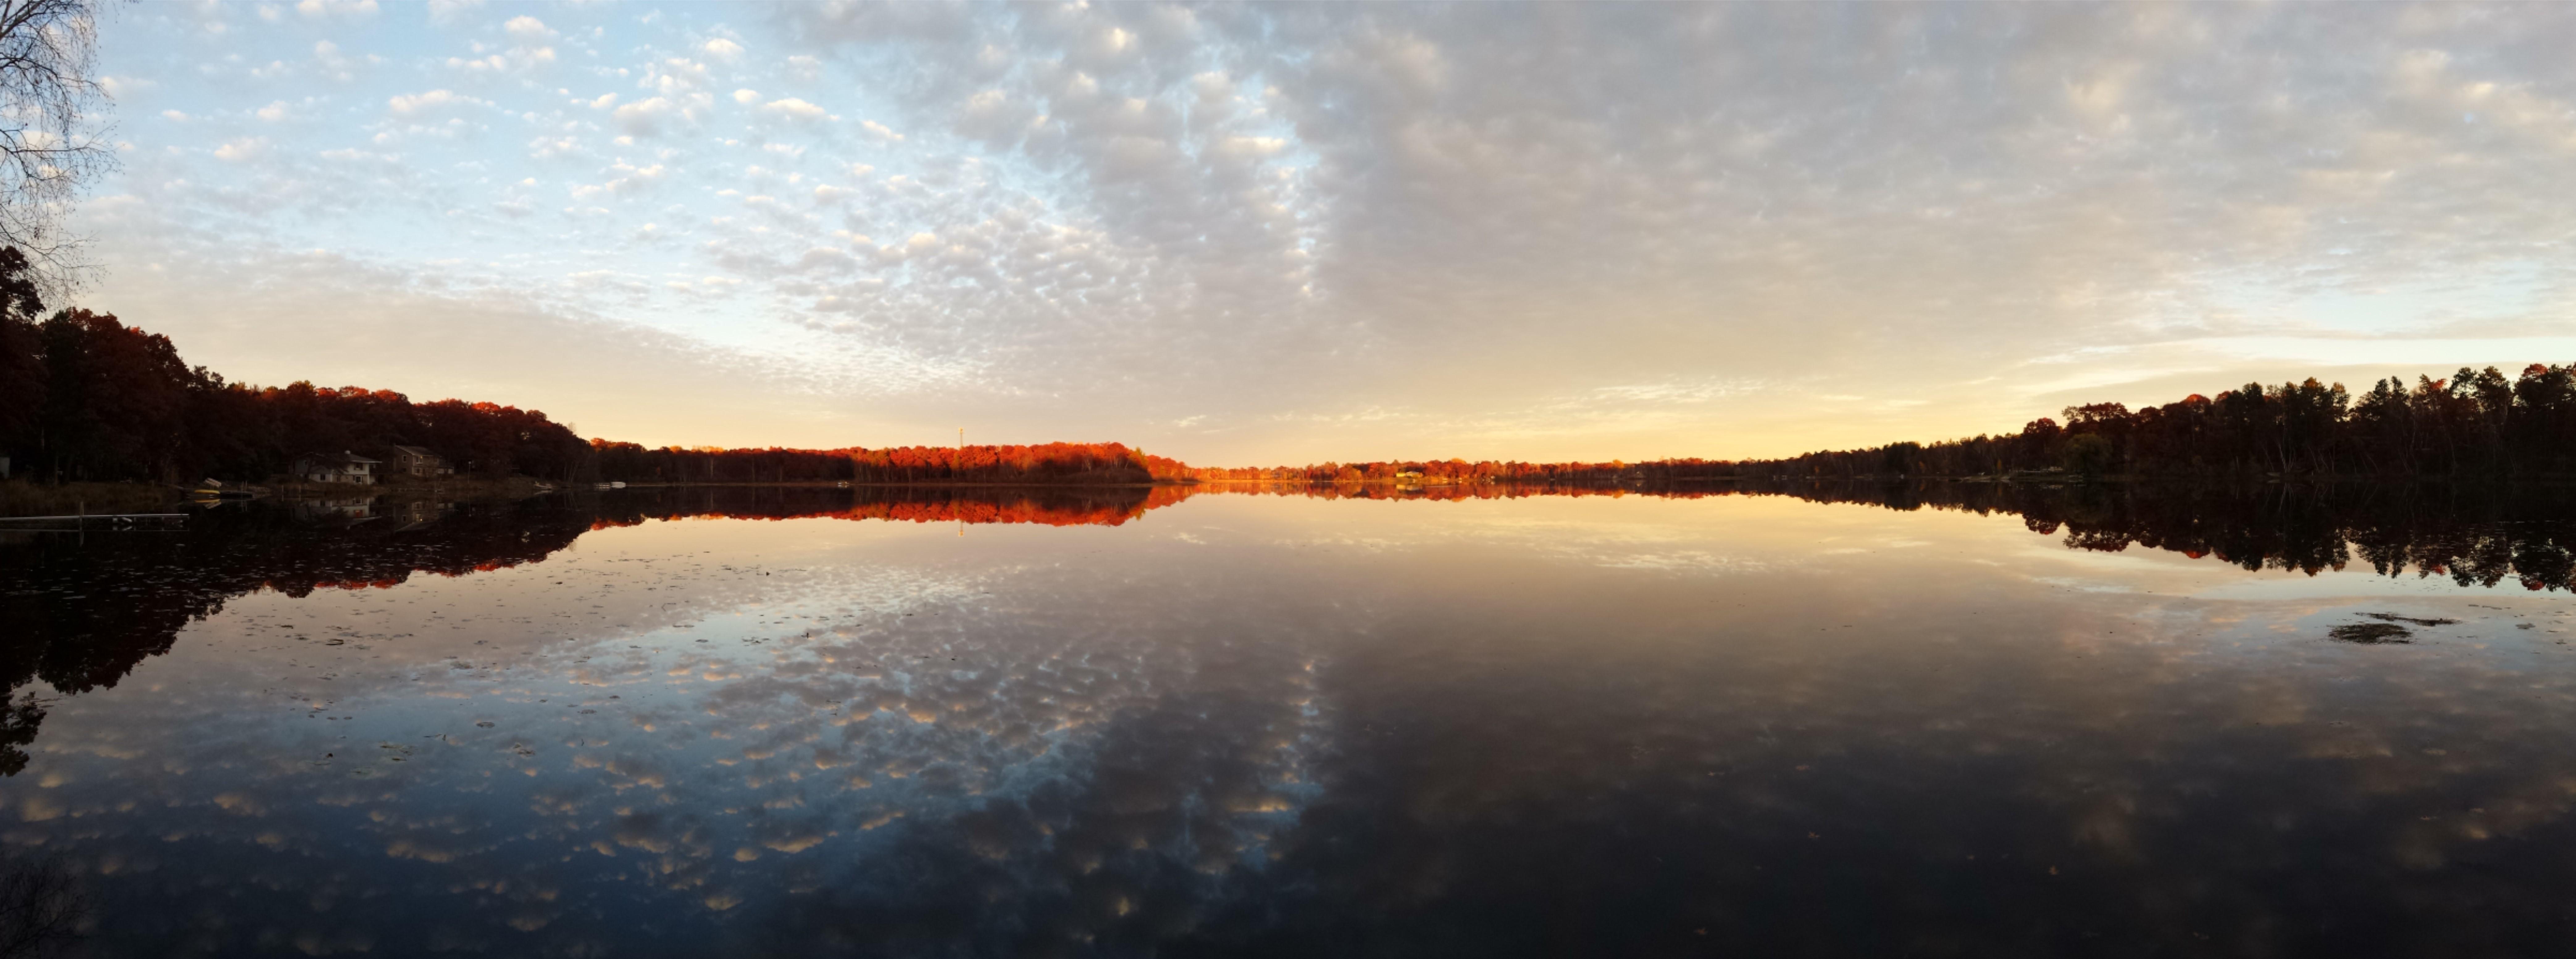 fall-reflection-5